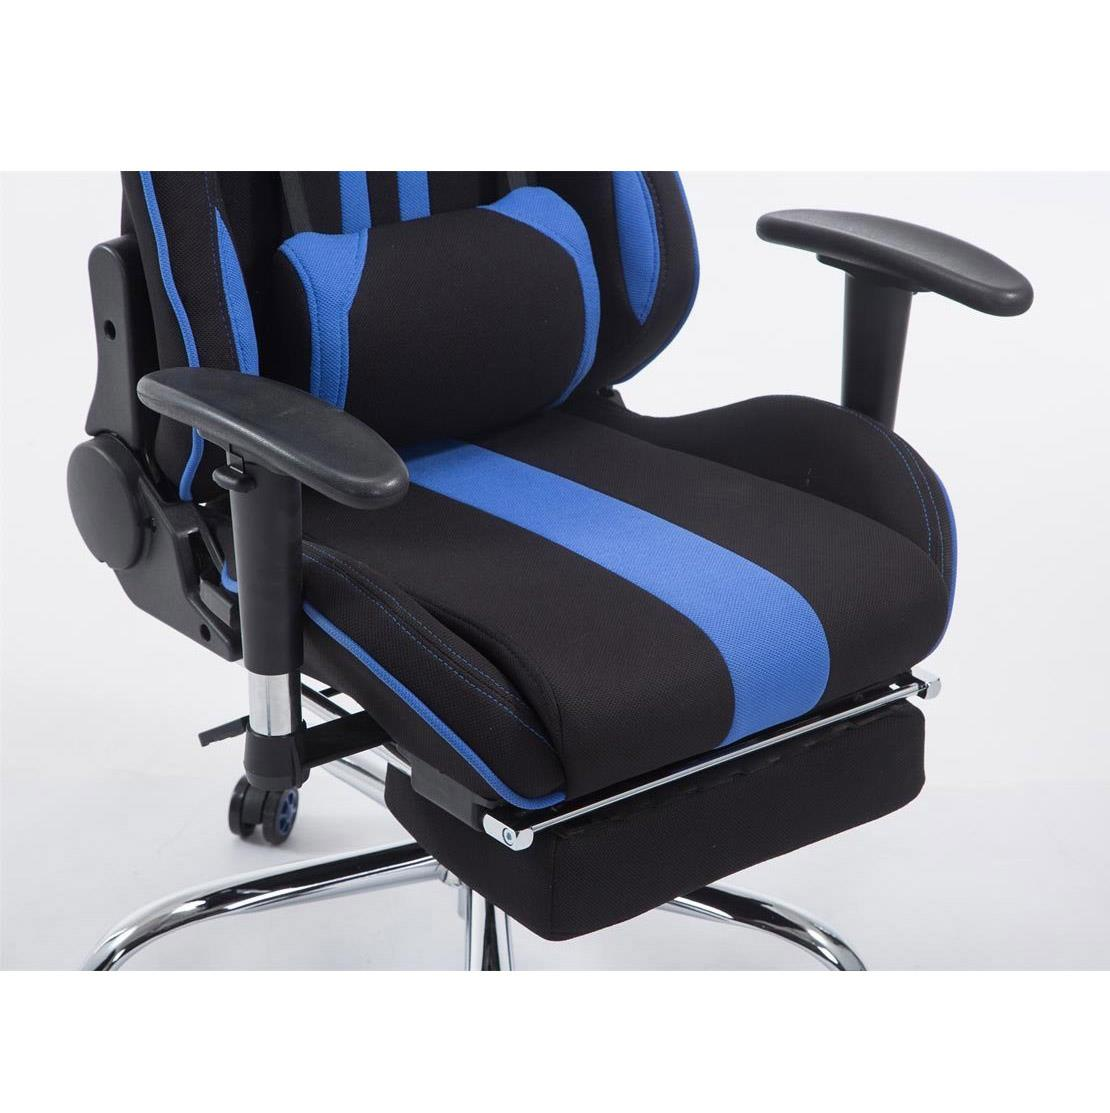 Poltrona Gaming LOGAN con poggiapiedi, ampia reclinazione, con ...